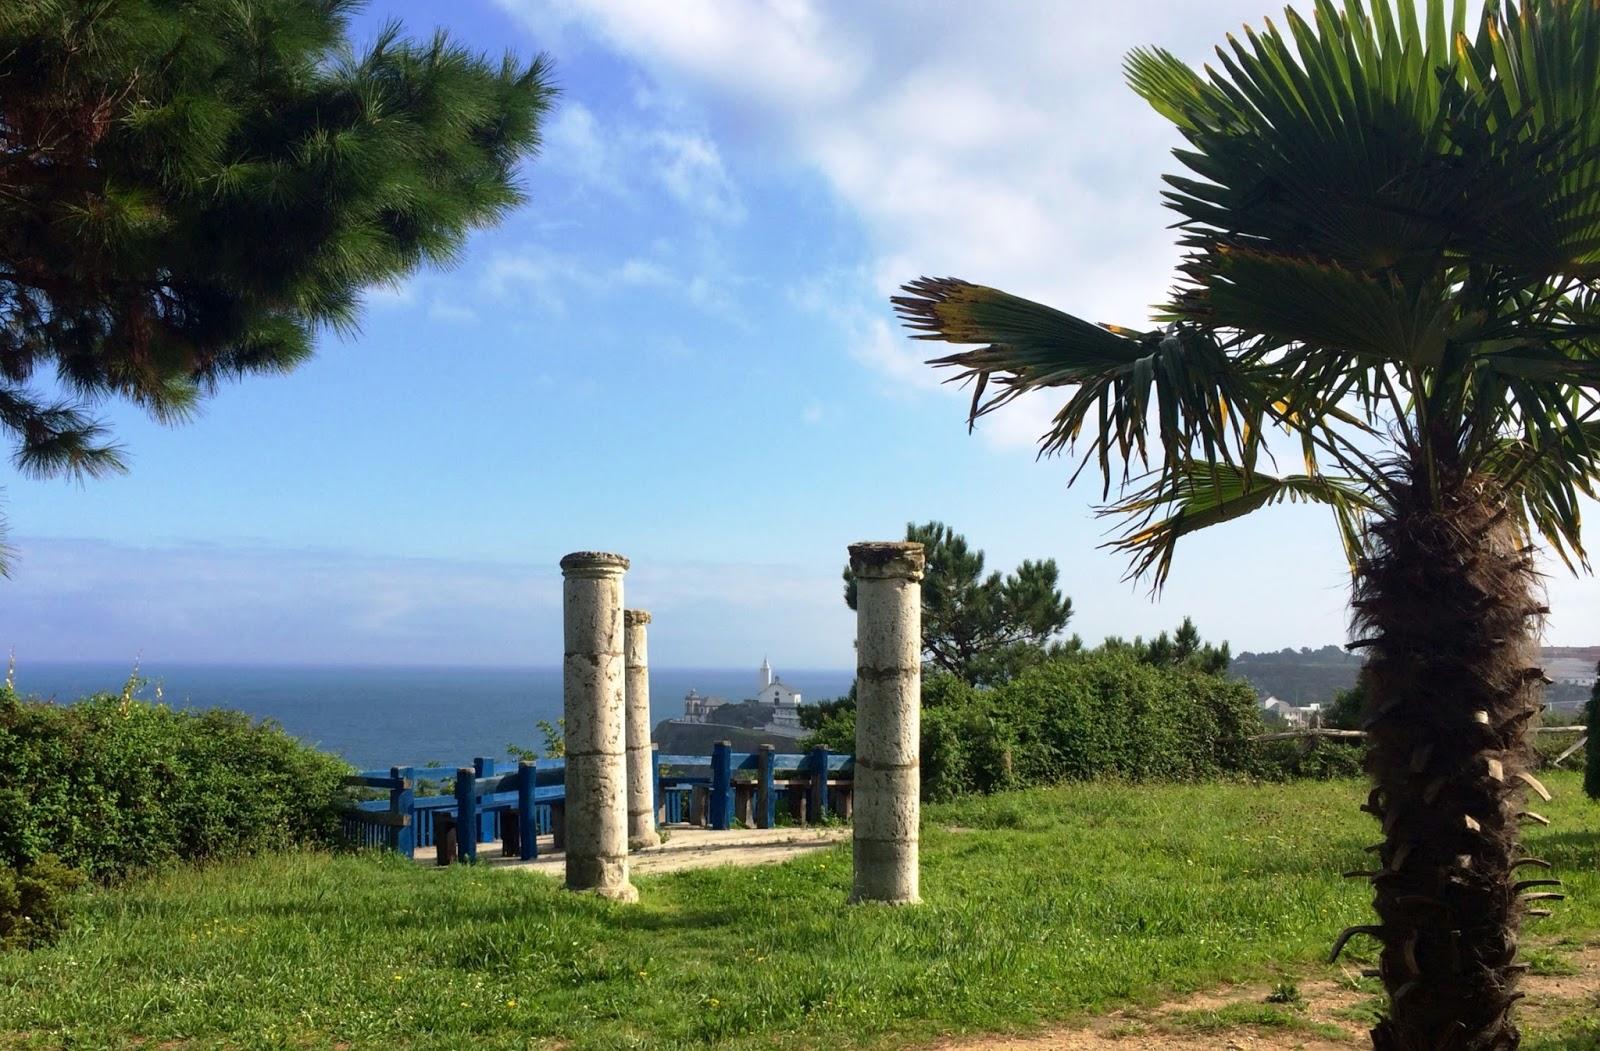 Caf arcadia el arte de quedarse solo jard n y trampantojo for Cementerio jardin del mar